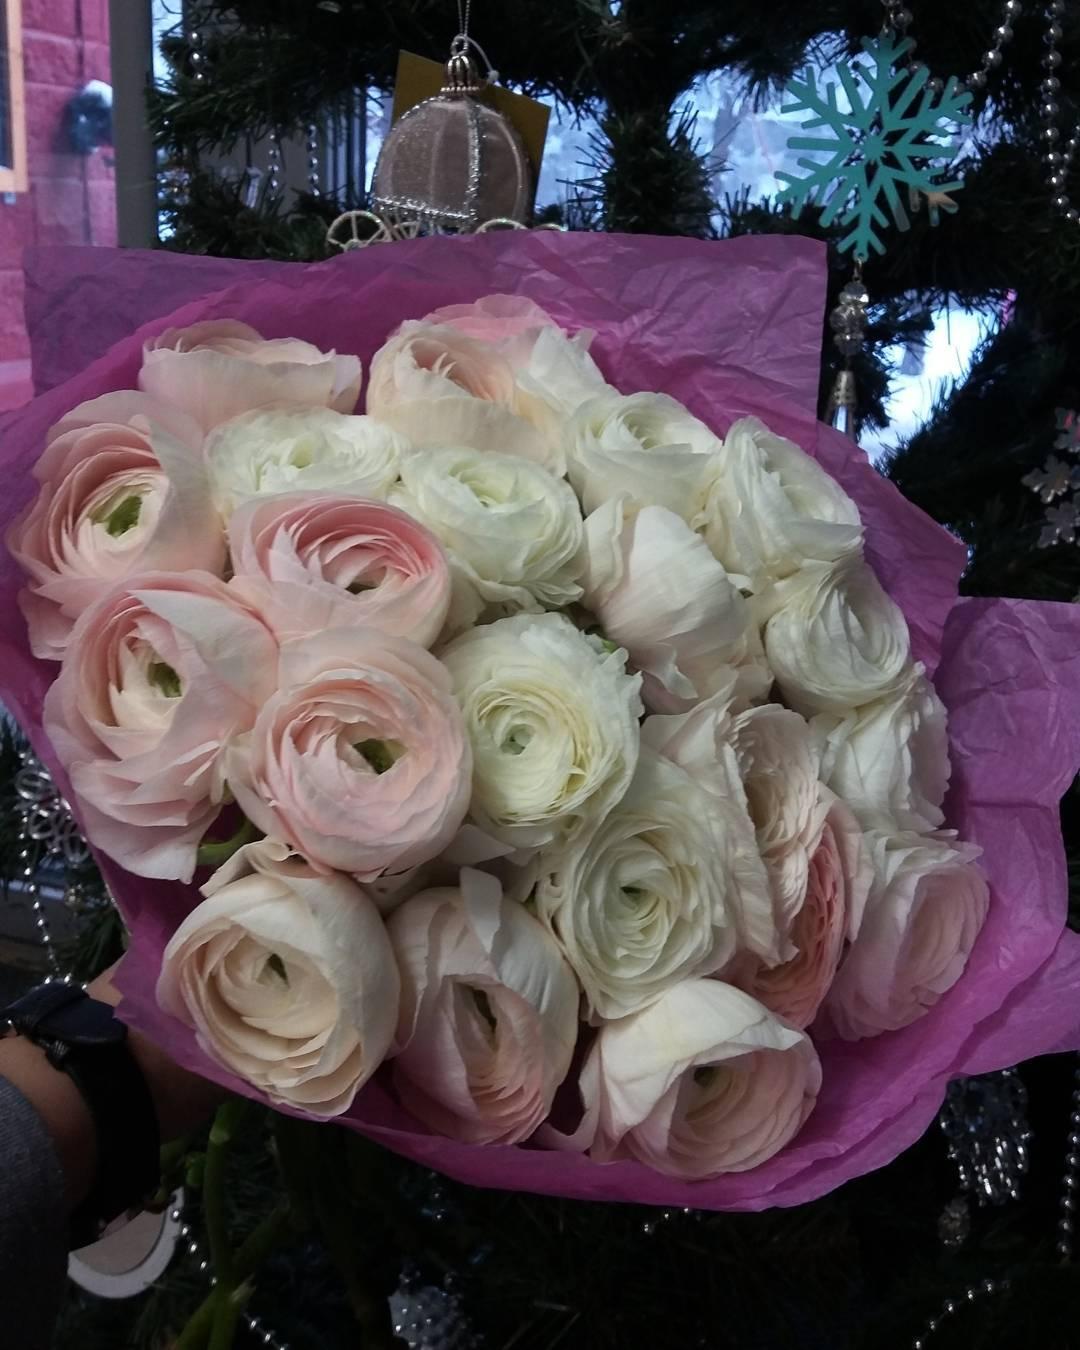 Они прекрасны???? Ранункулусы в наличии. Звони и заказывай +79272365977#цветыуфадоставка#доставкацветовуфа#цветыуфа#ранункулусы#уфа